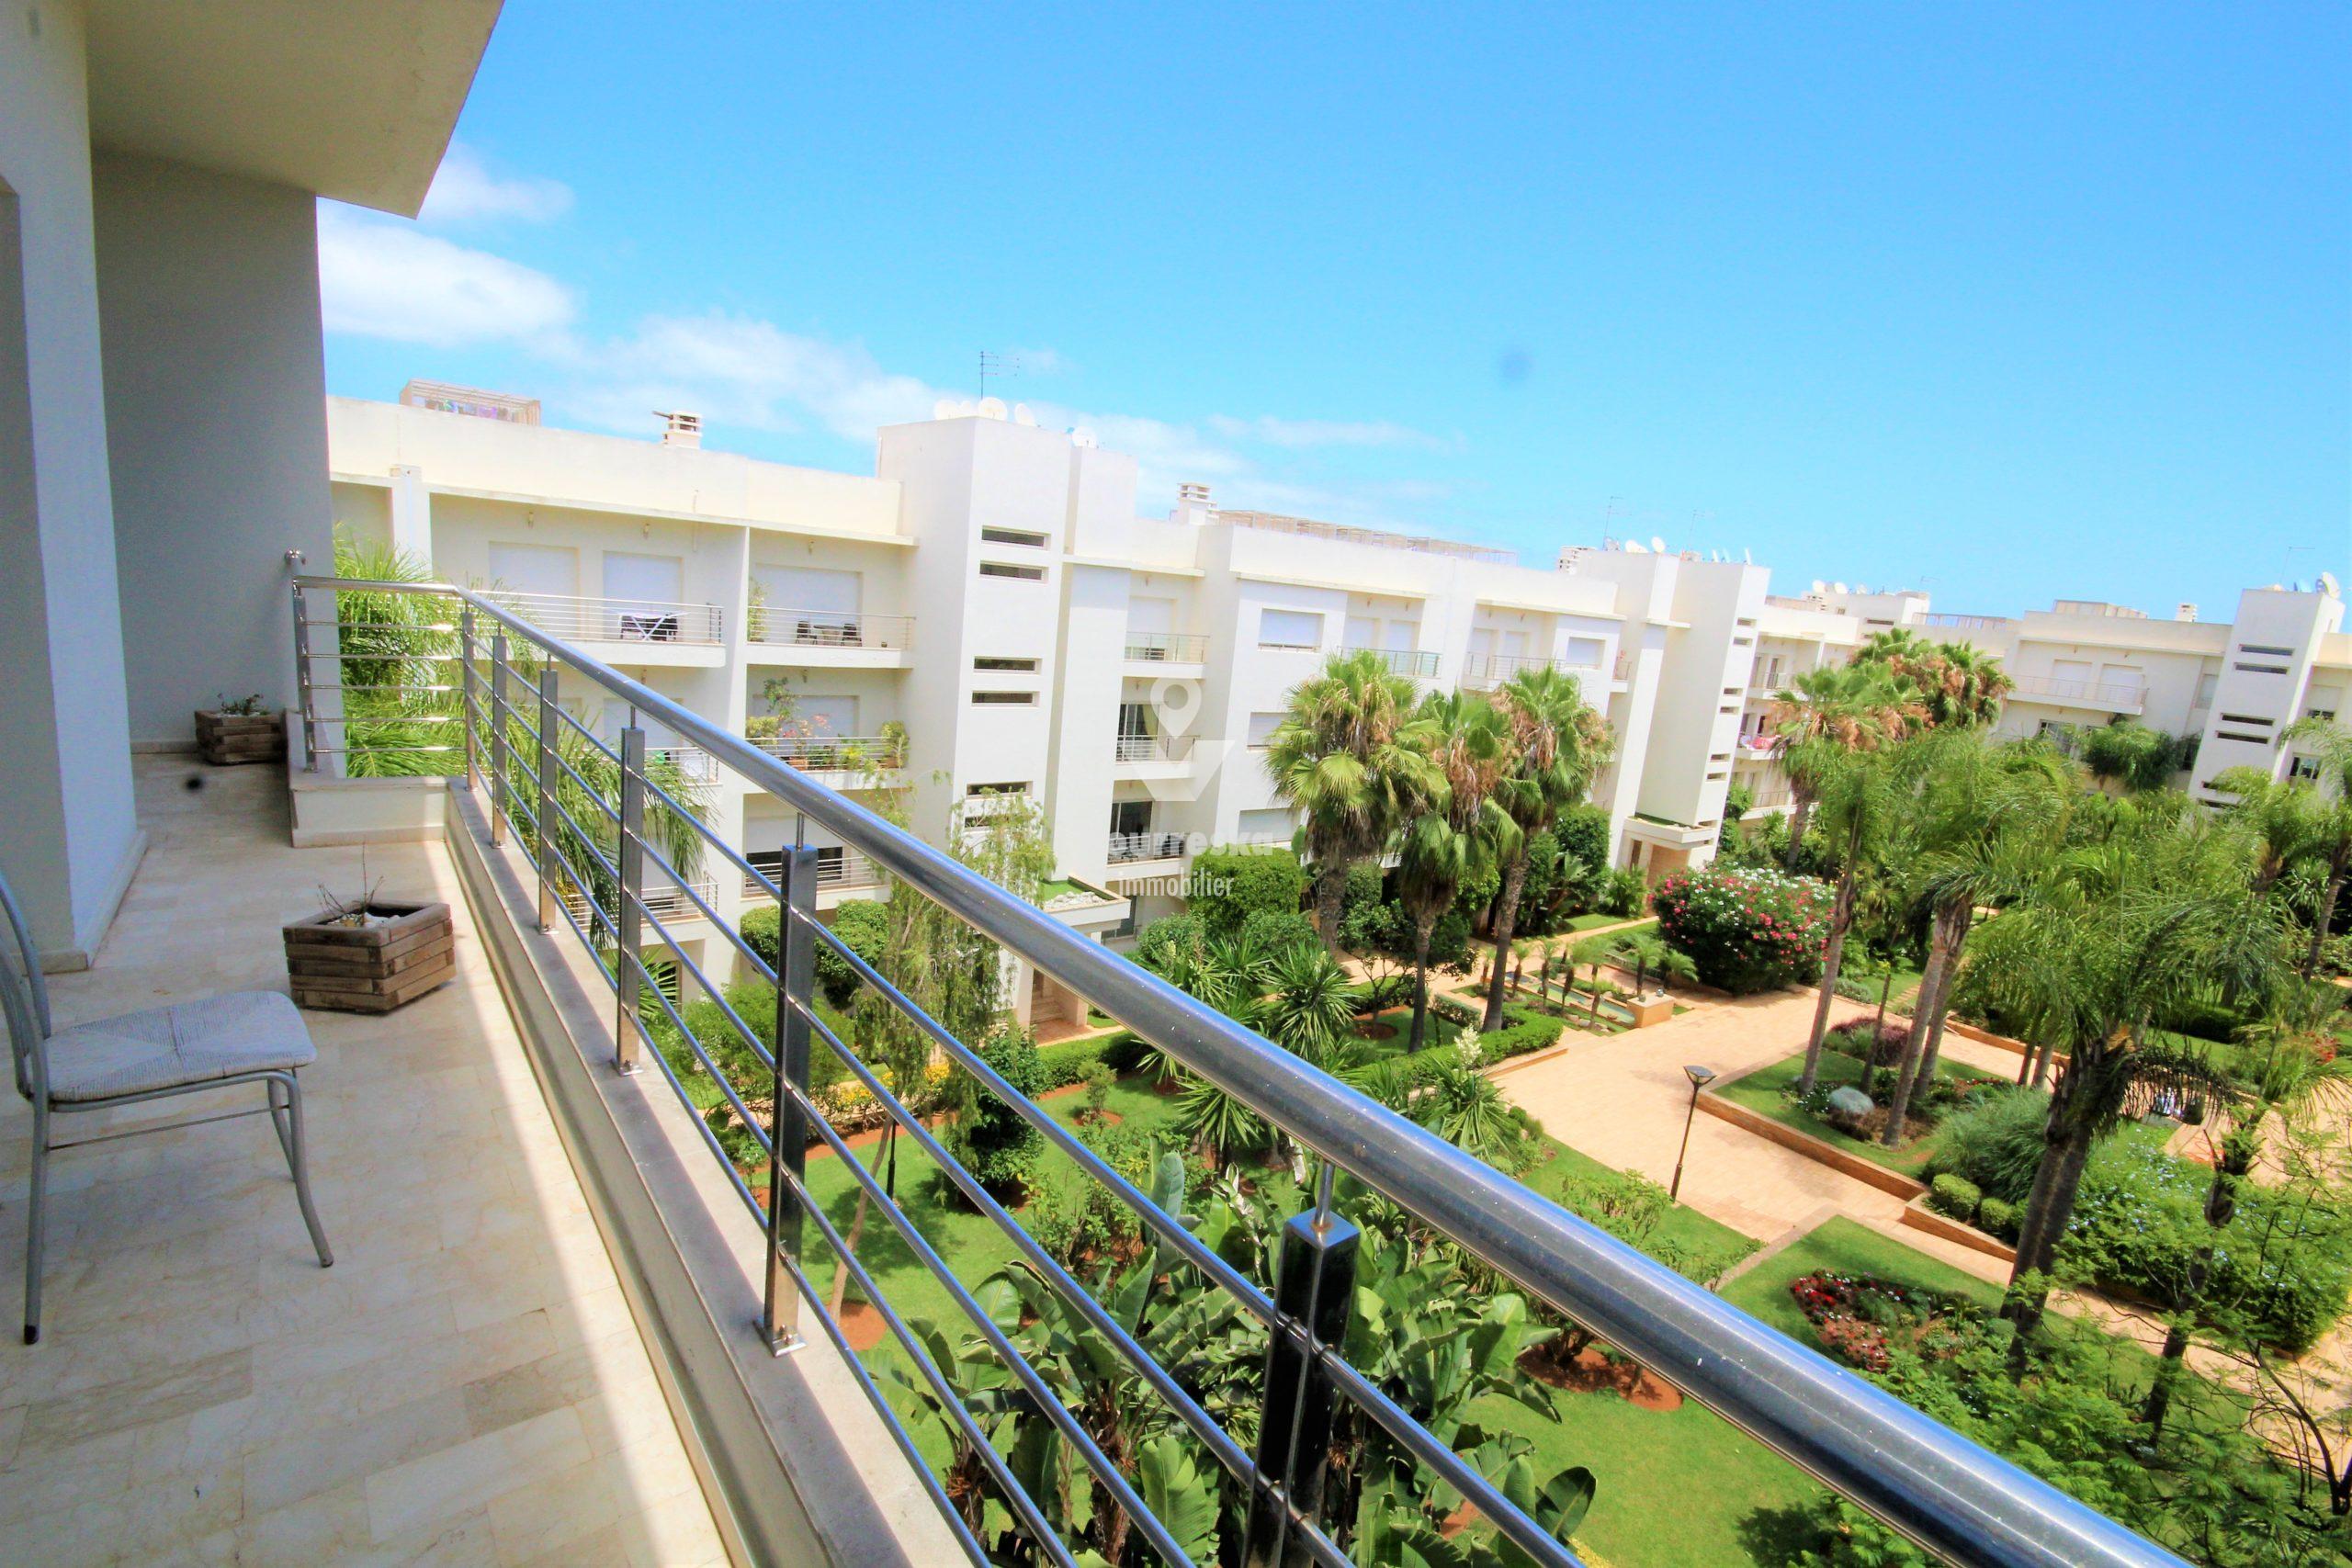 Casablanca, Ain Diab, loue appartement meublé de 3 ch Terrasse double